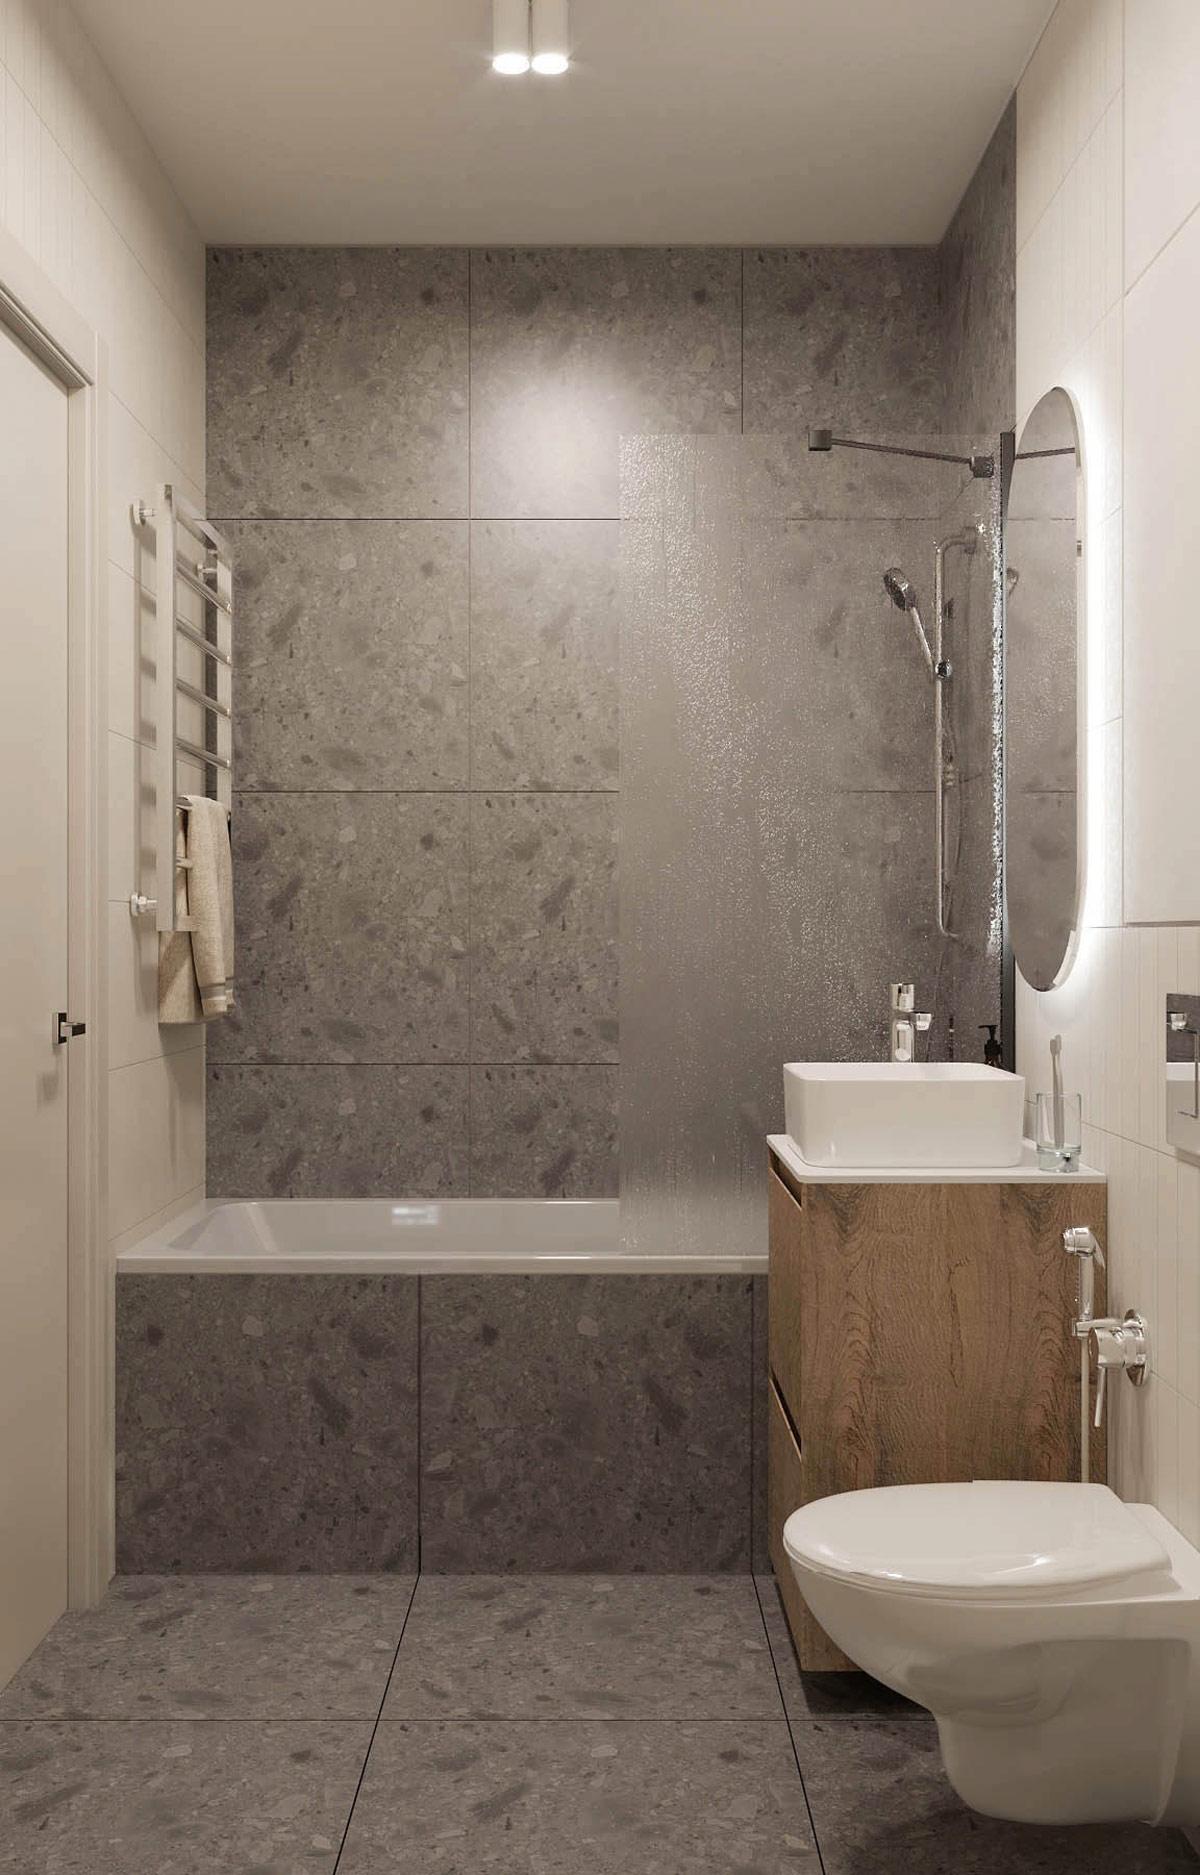 hình ảnh toàn cảnh phòng tắm với bồn tắm sứ, vòi sen, tường và sàn ốp gạch granite màu xám